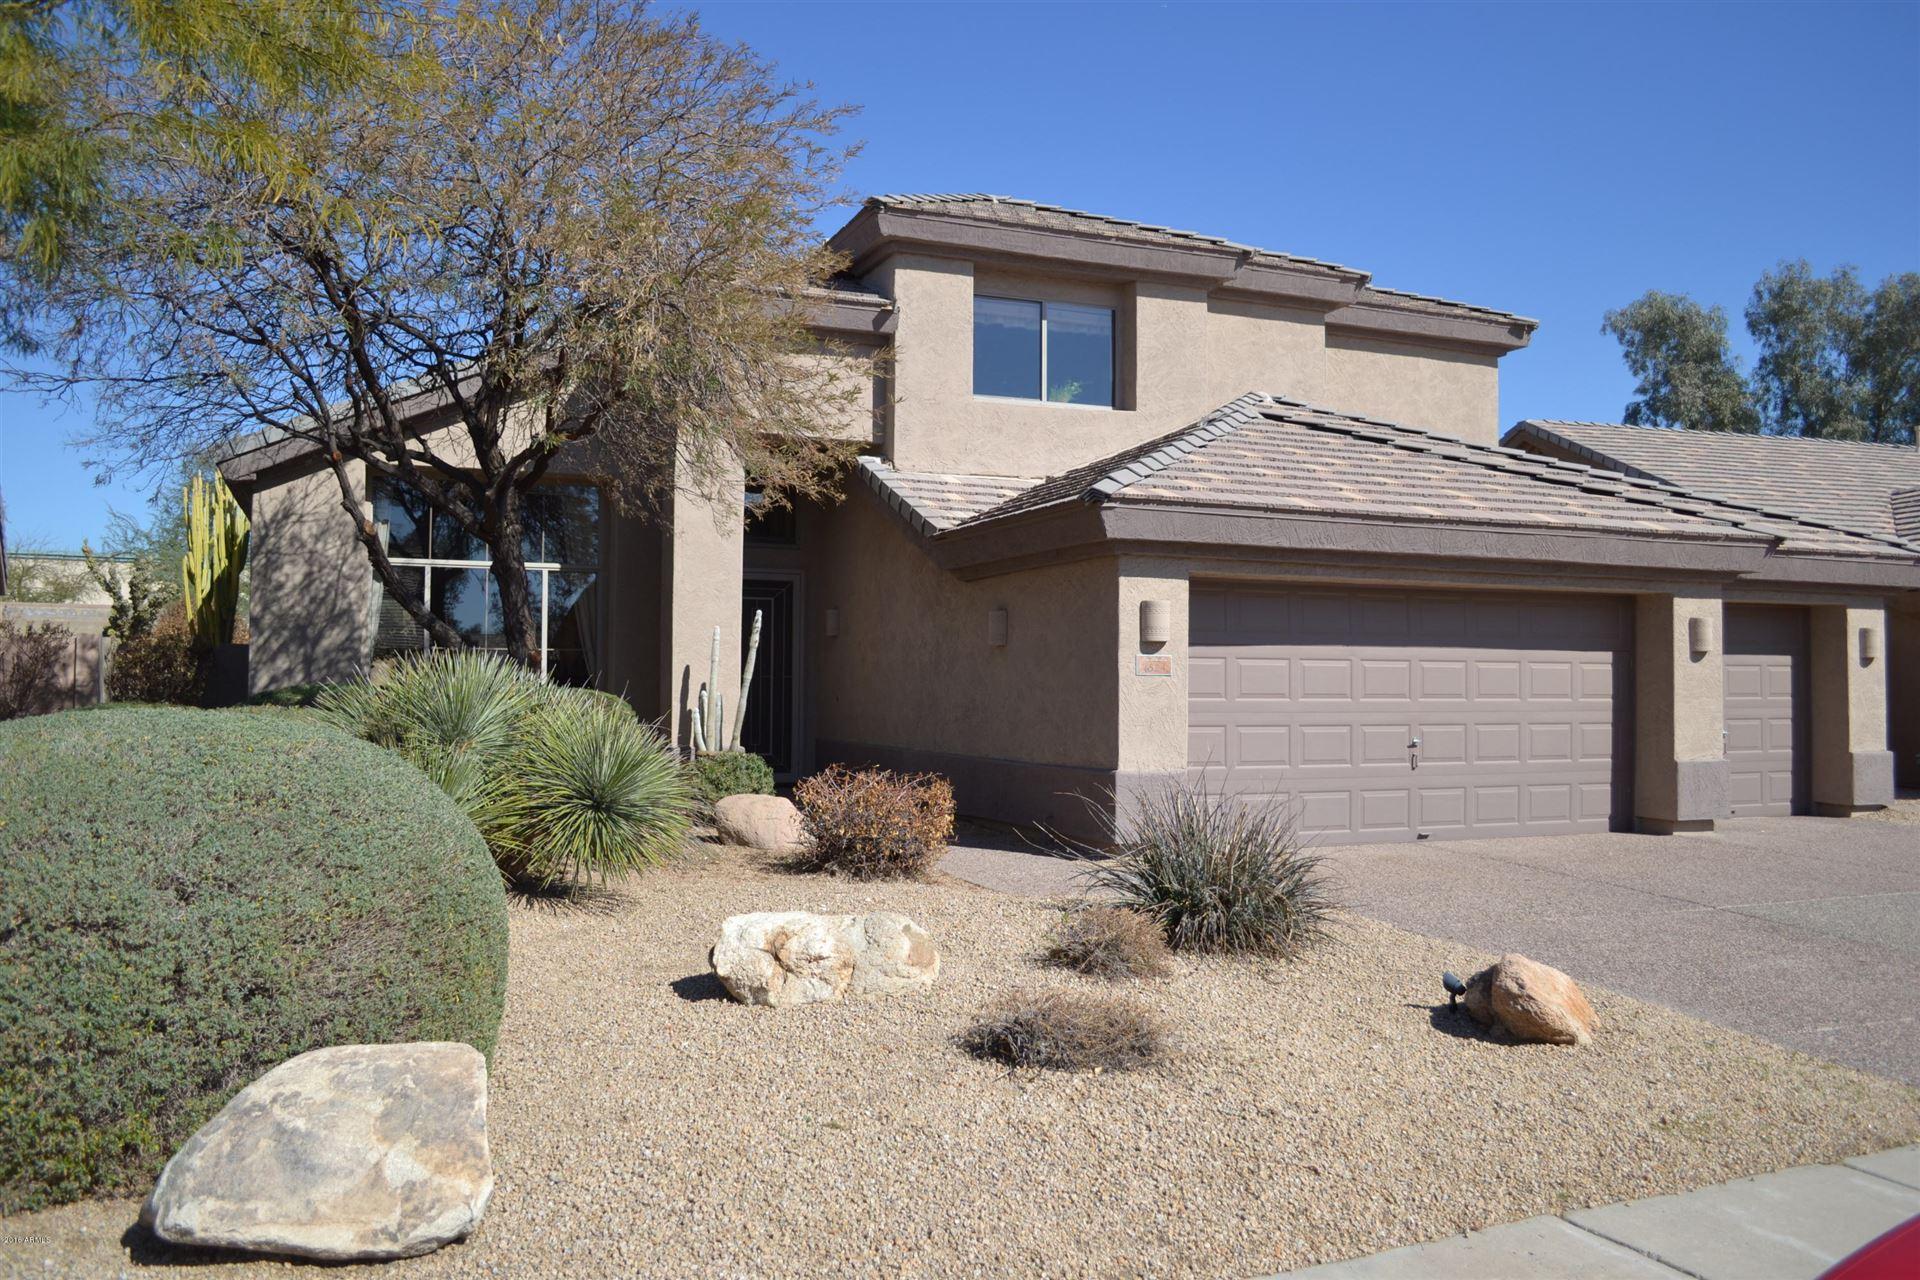 Photo of 6524 E Blanche Drive, Scottsdale, AZ 85254 (MLS # 6200920)